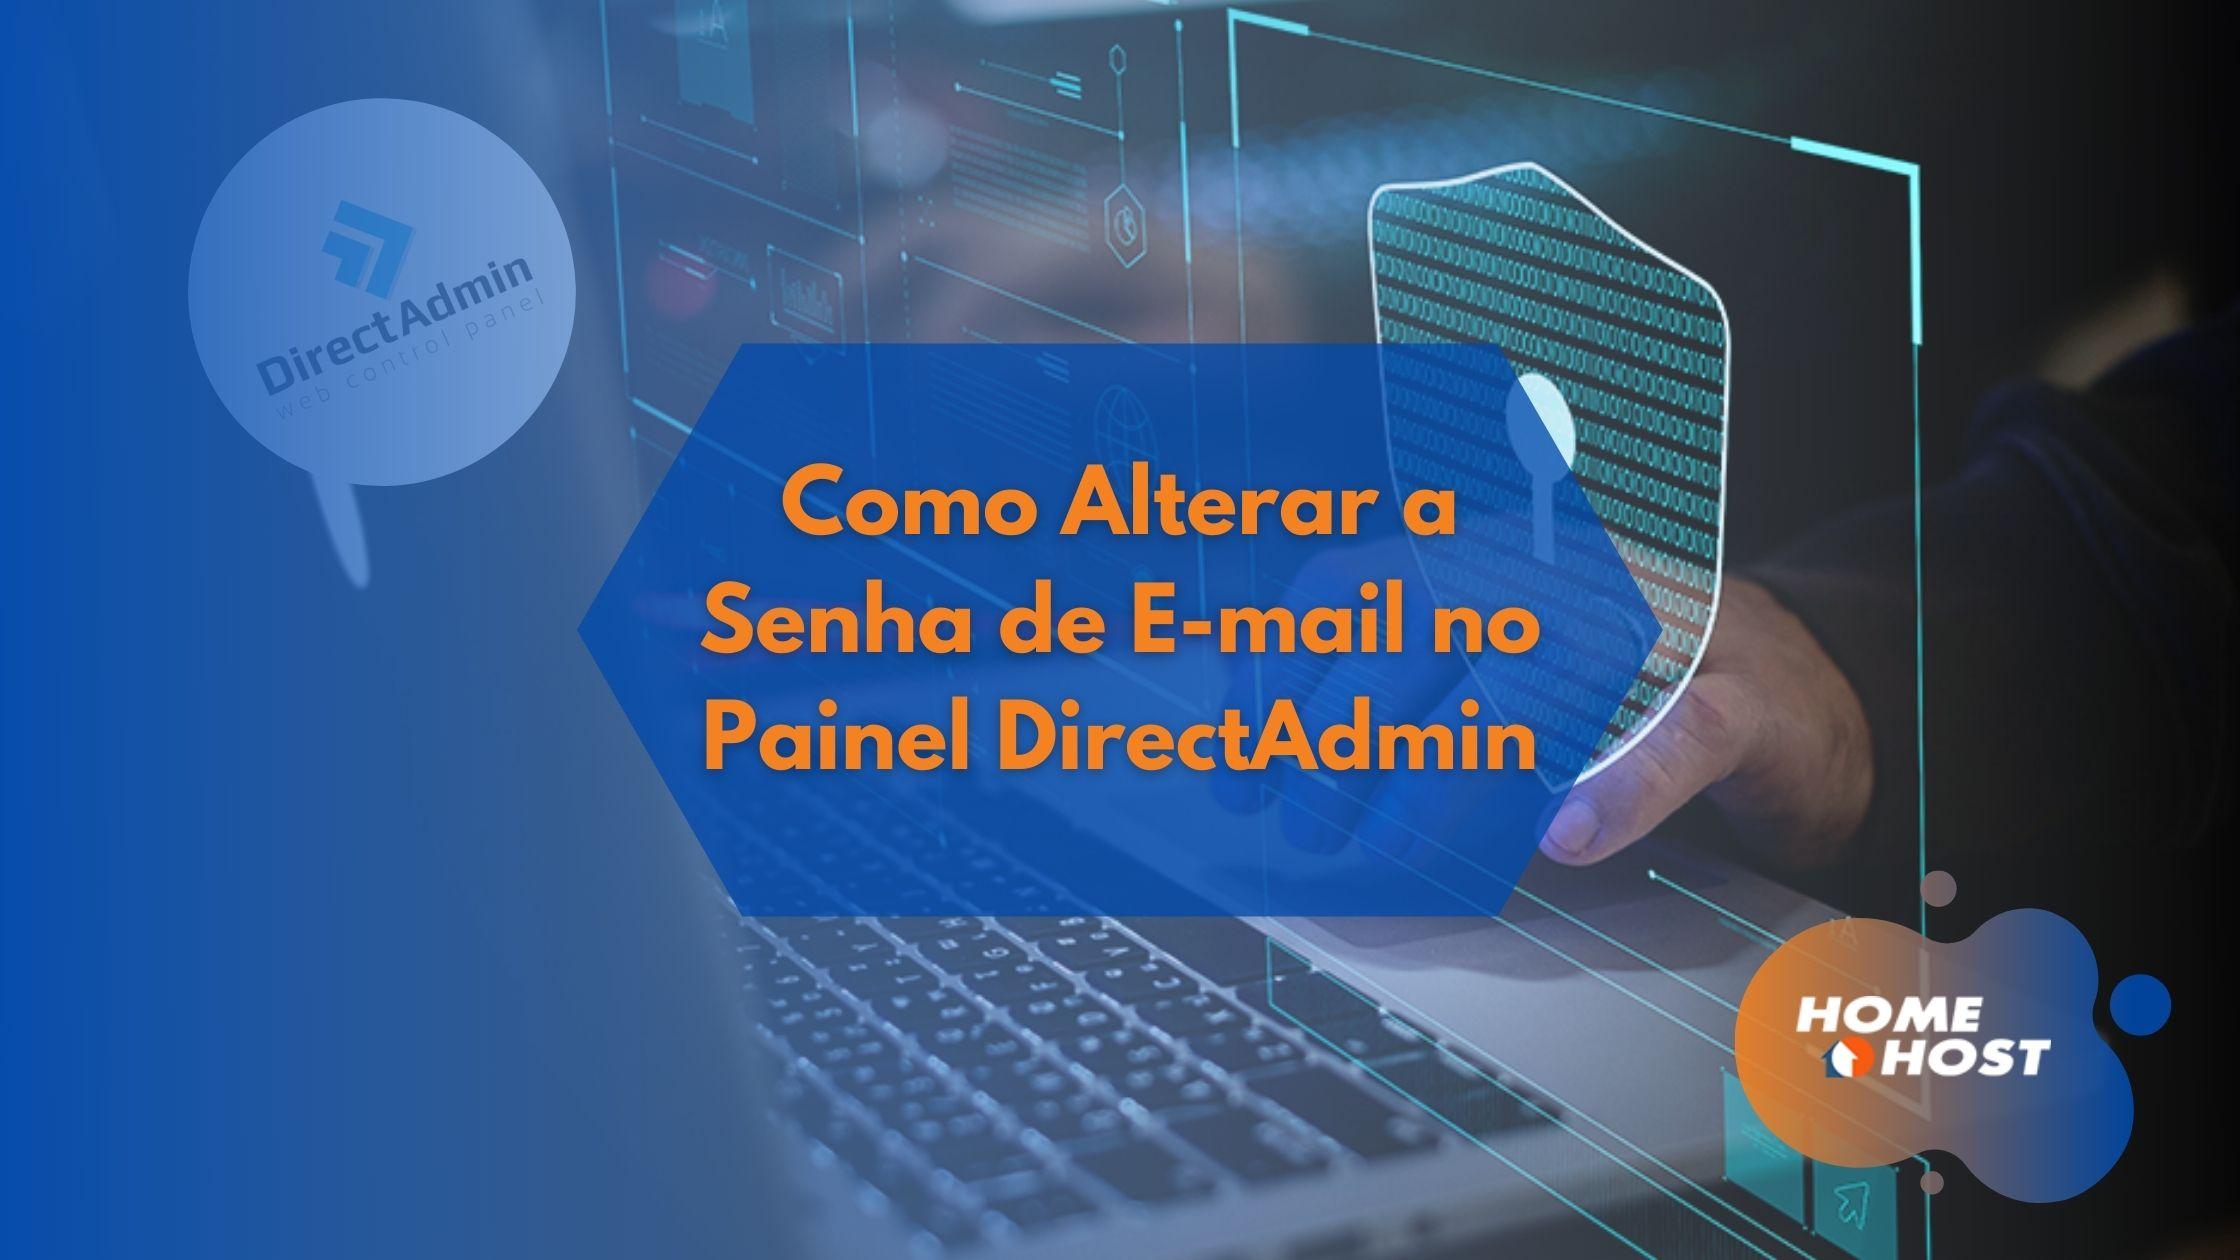 Tutoriais HomeHost: Como Alterar a Senha de E-mail no Painel DirectAdmin